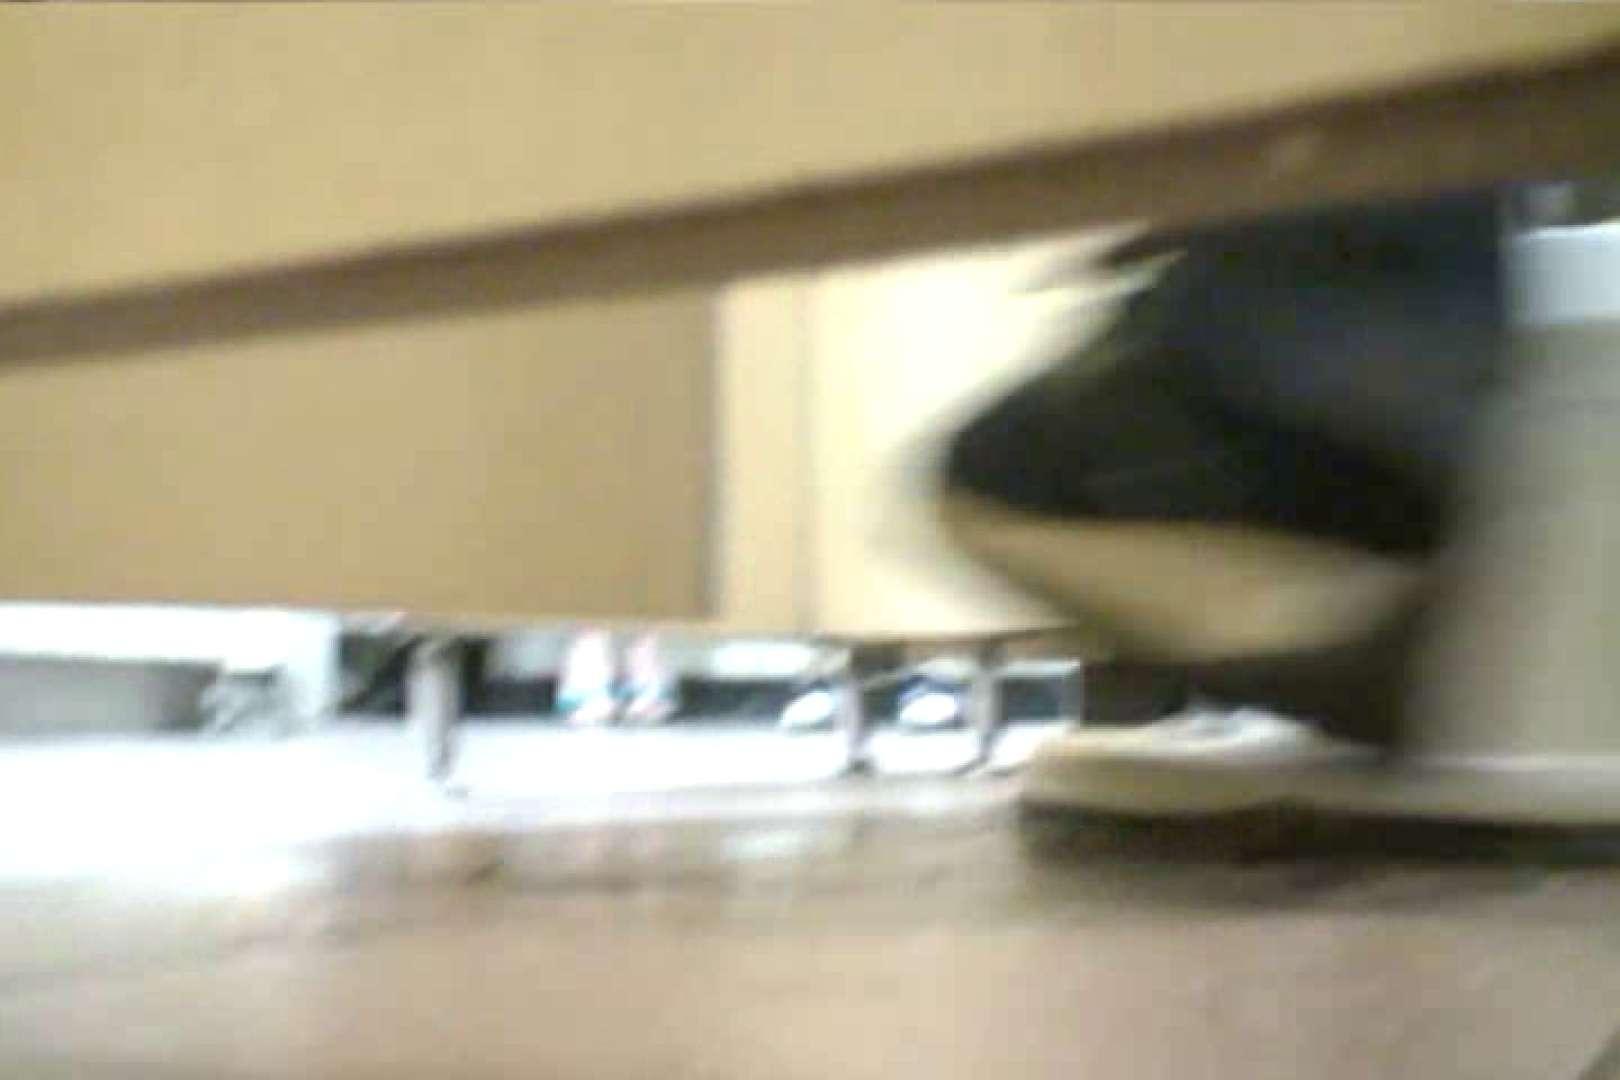 マンコ丸見え女子洗面所Vol.20 無修正マンコ 盗撮オメコ無修正動画無料 95PICs 90